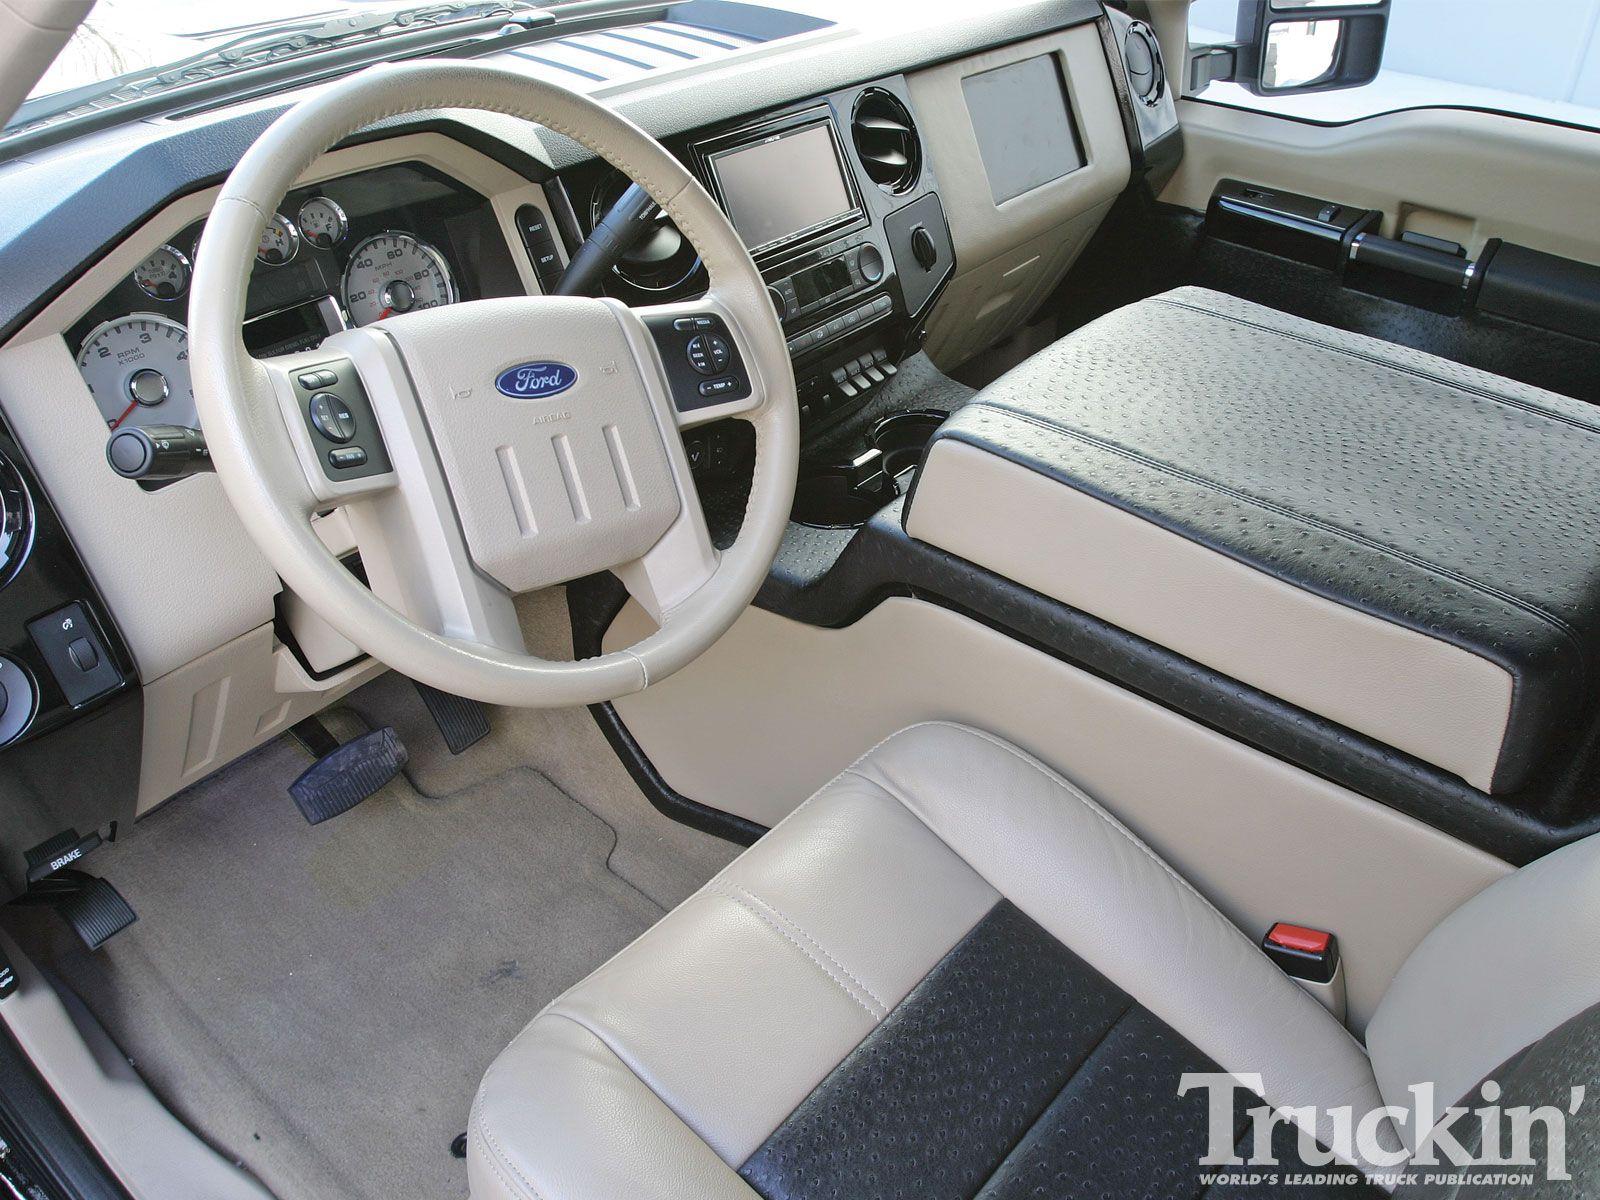 2008 Ford F250 Interior Accessories 1985 Ford F250 Interior